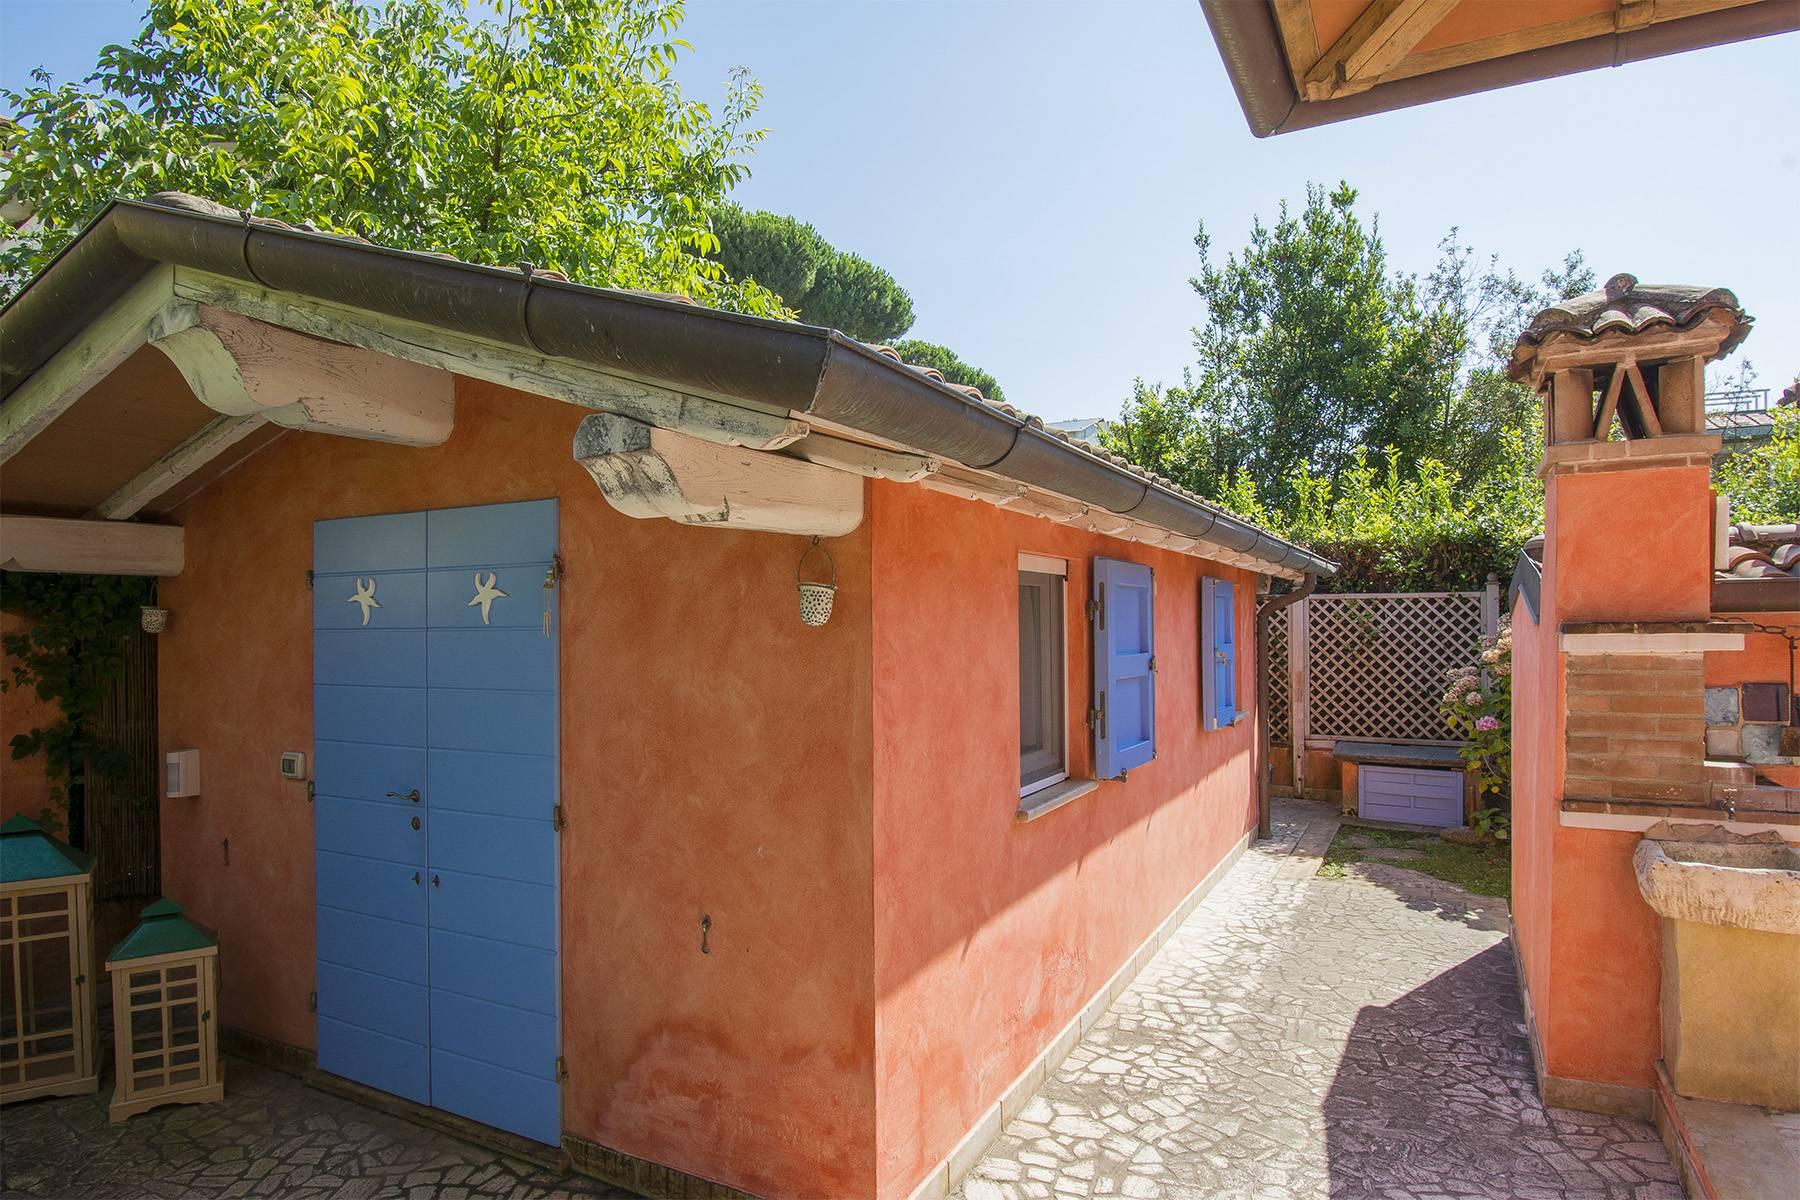 Casa indipendente in Vendita a Pietrasanta: 5 locali, 180 mq - Foto 5